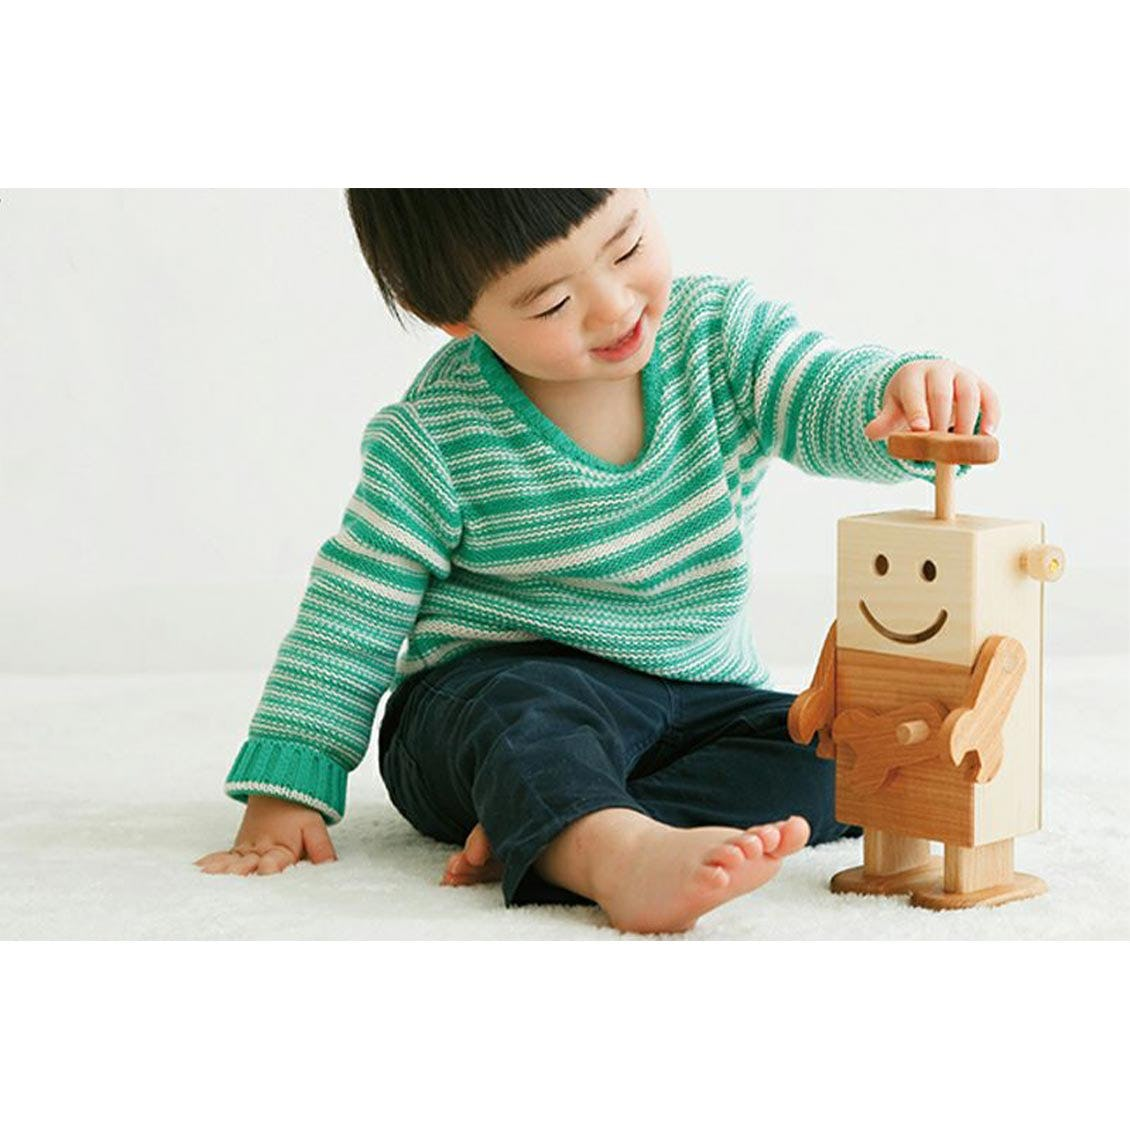 ロボットくん|木のおもちゃ